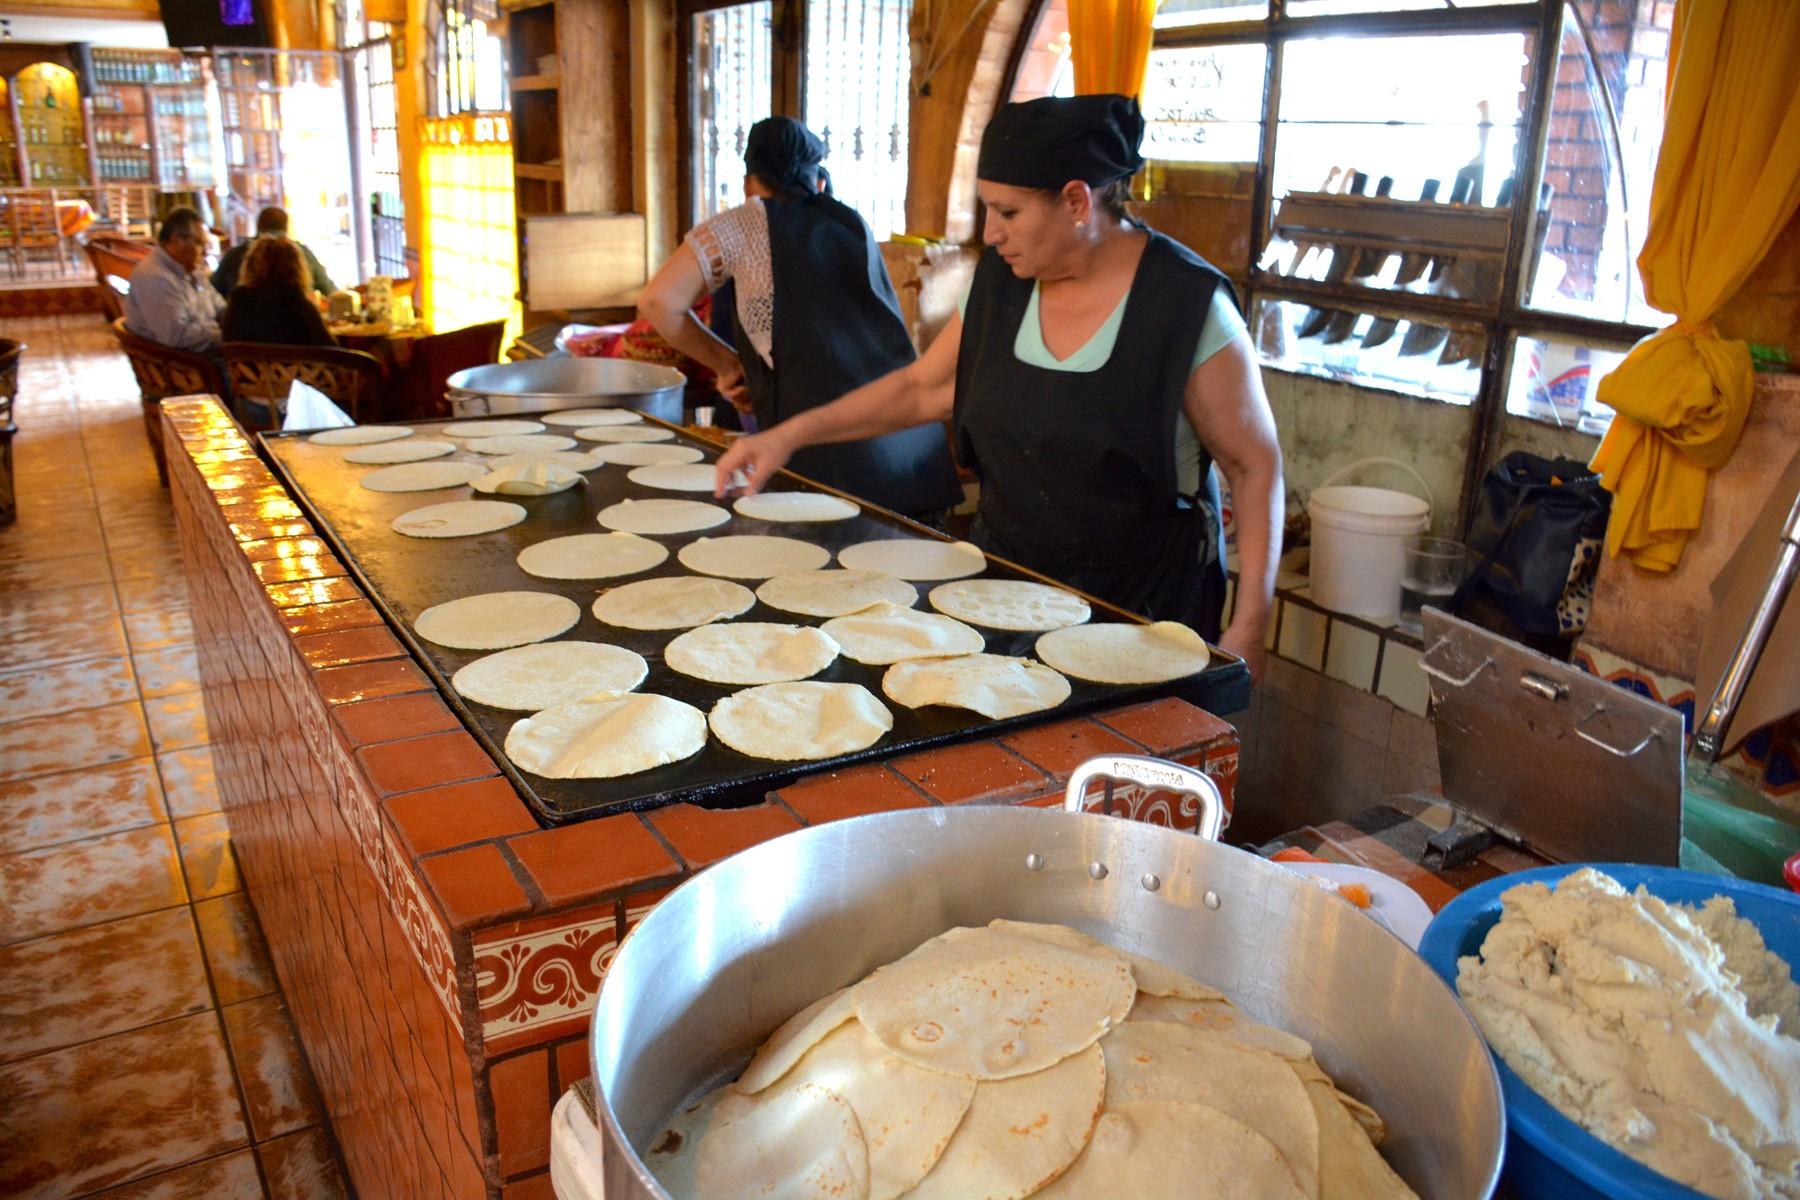 carnitas_taco_nopales_tortillas - 1